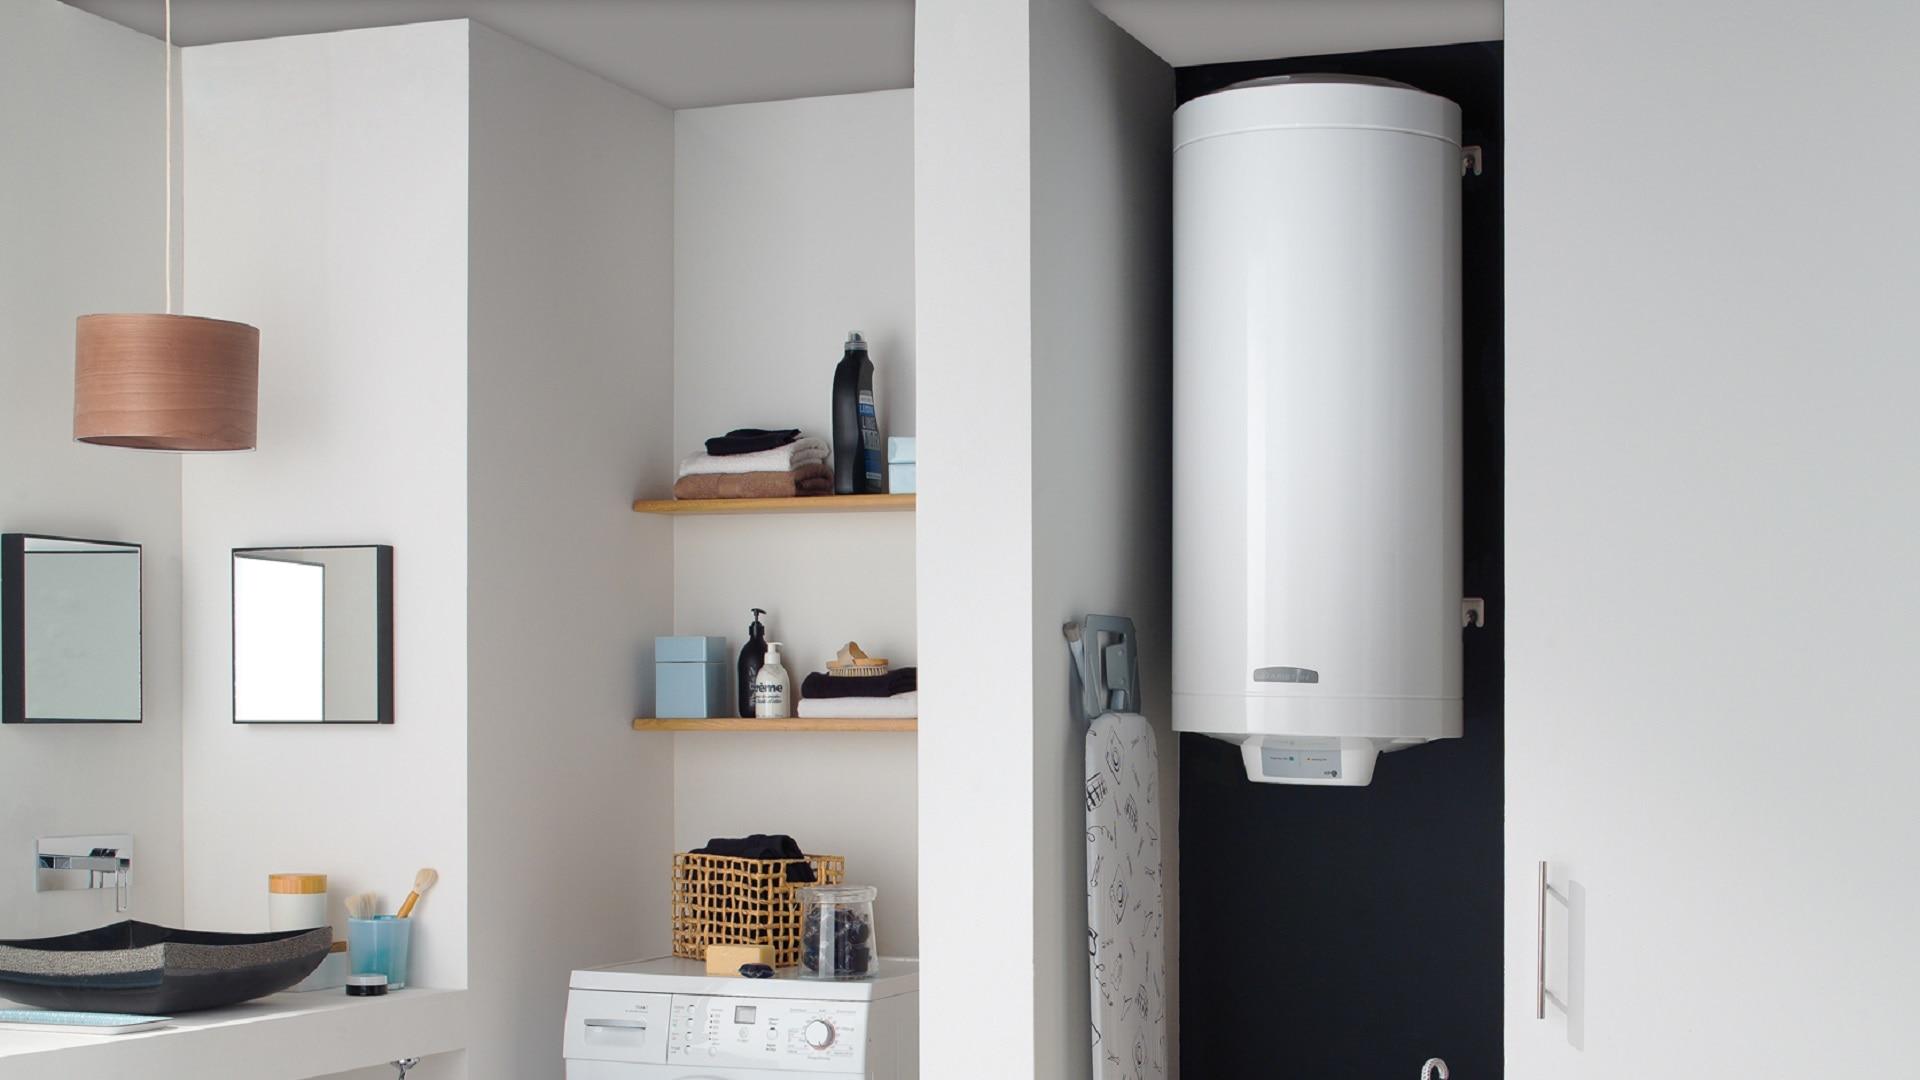 Installation de chauffe eau électrique plat